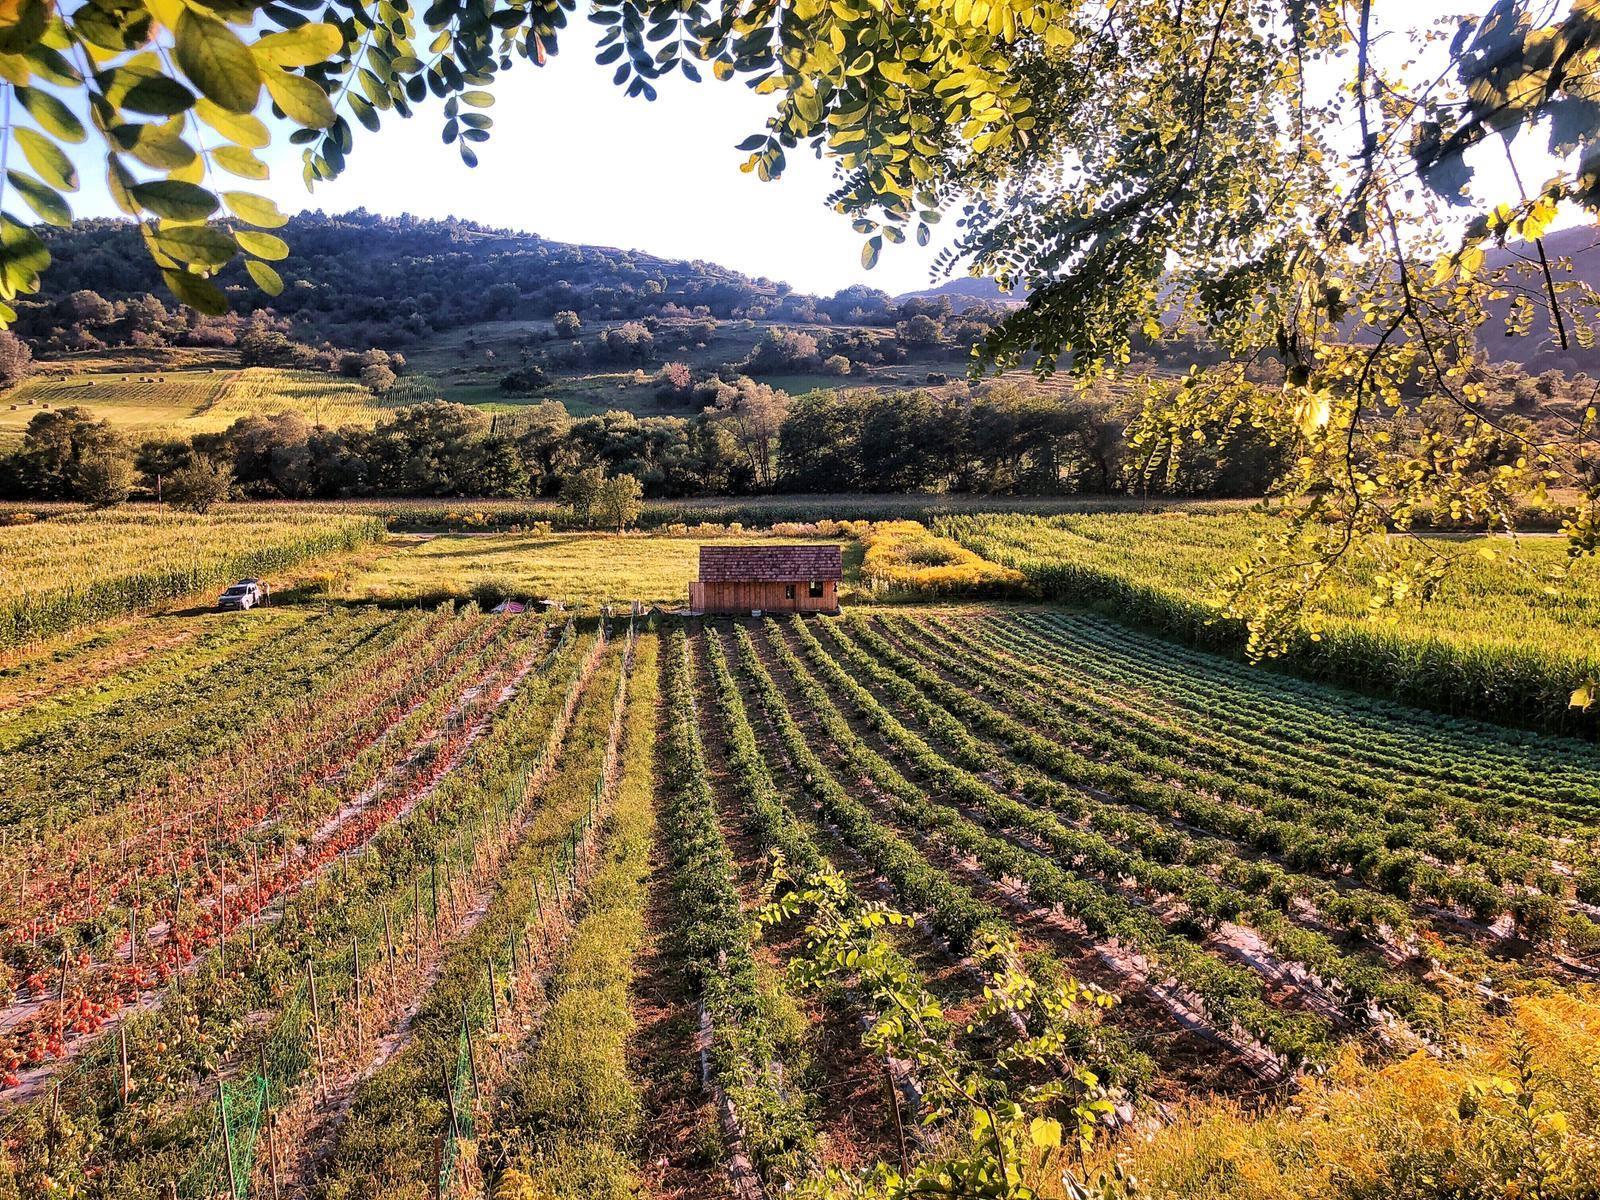 Mâncare locală din Colinele Transilvaniei, în zona Sighișoara